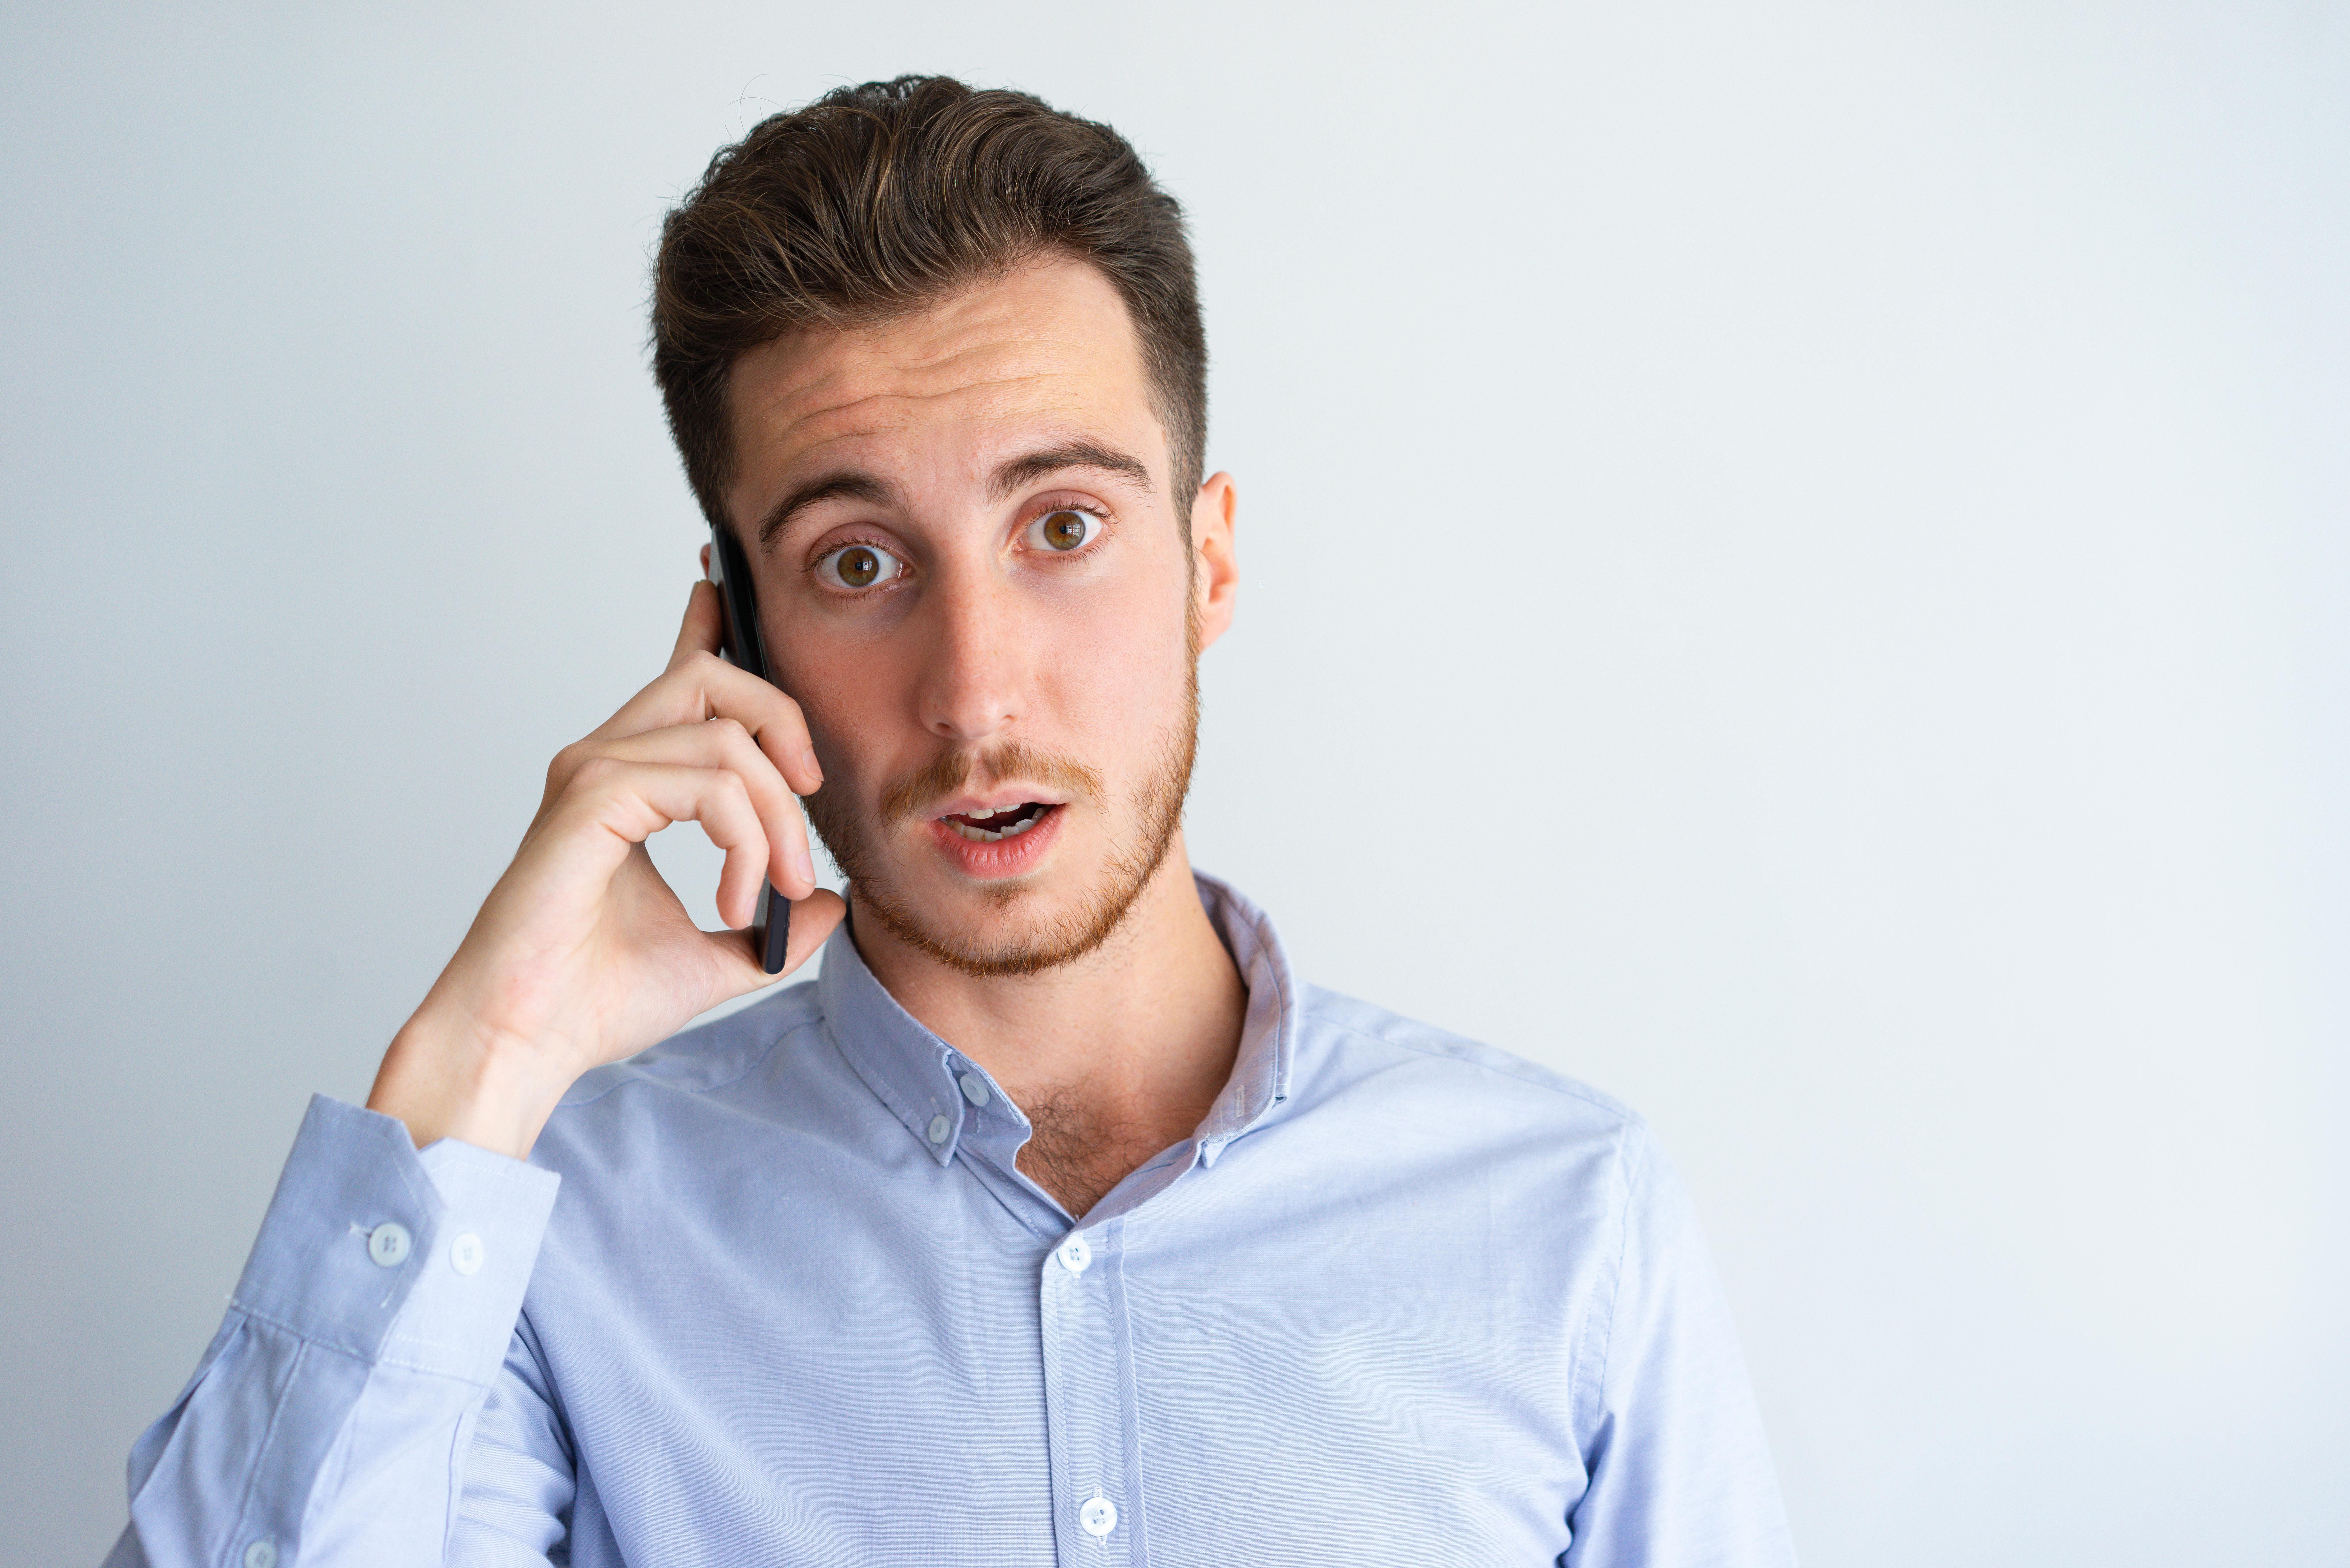 Bien gérer l'échange téléphonique avec un recruteur